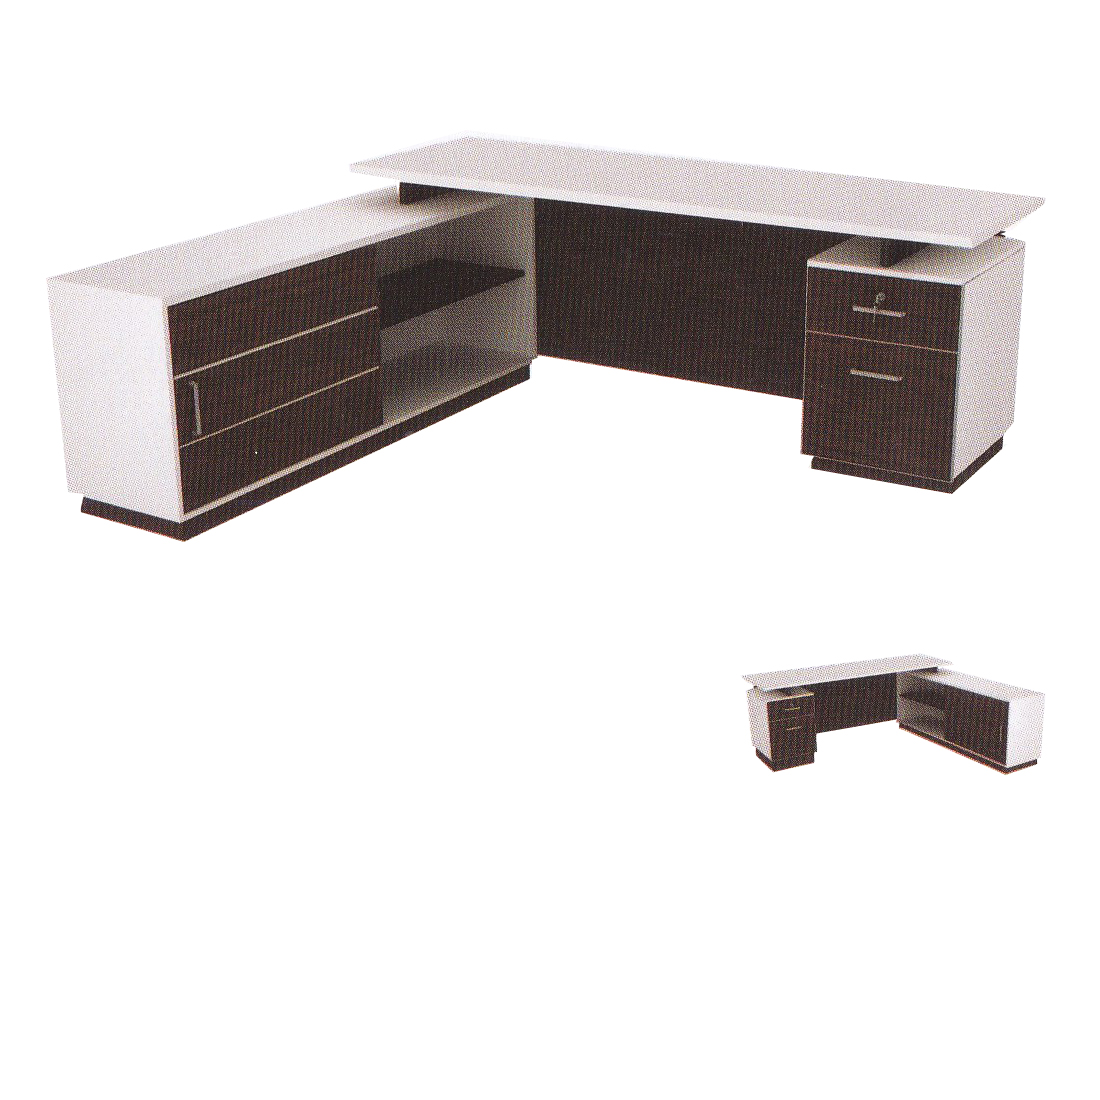 ชุดโต๊ะทำงาน 1.80 ม. 2 ลิ้นชัก+ตู้ข้าง TST-P1818